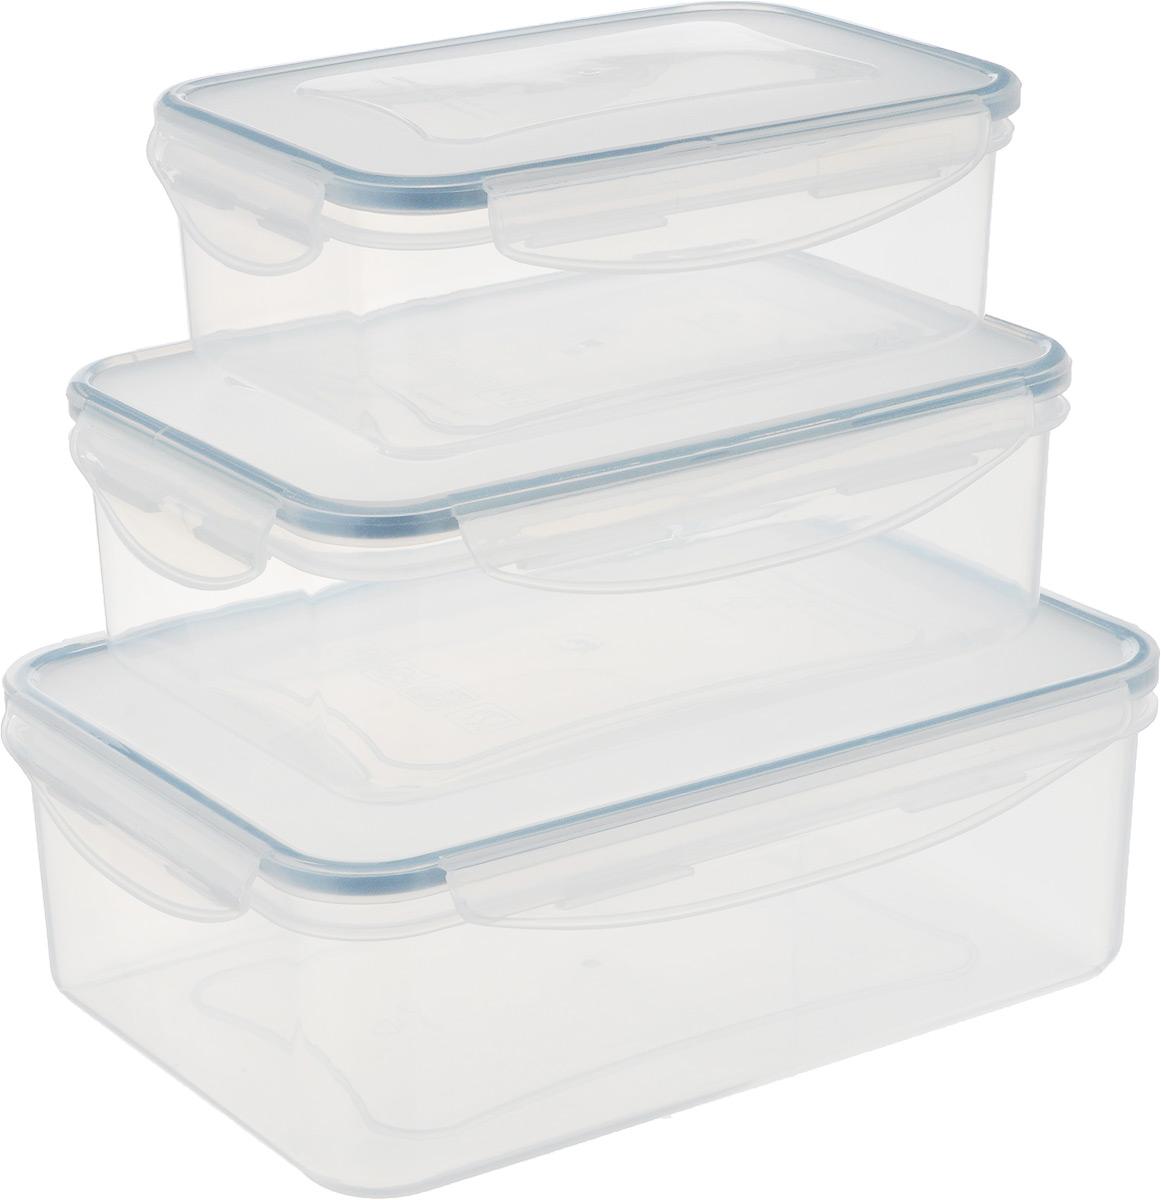 Набор контейнеров Tescoma Freshbox, 3 штVT-1520(SR)Набор Tescoma Freshbox состоит из трех контейнеров разного объема, изготовленных из высококачественного пластика, который не впитывает запахи и не изменяет цвет. Изделия снабжены крышками, плотно закрывающимися на 4 защелки. Герметичность достигается за счет специальных силиконовых прослоек, которые позволяют использовать контейнер для хранения не только пищи, но и жидкости. В таком контейнере продукты долгое время сохраняют свою свежесть. Прозрачные стенки позволяют просматривать содержимое. Изделия подходят для домашнего использования, в них удобно запекать, разогревать и хранить пищу. Можно использовать в СВЧ-печах, холодильниках, духовых шкафах, посудомоечных машинах, морозильных камерах. Размер контейнера на 1 л (без учета крышки): 18 х 12 х 6 см.Размер контейнера на 1,5 л (без учета крышки): 21 х 14 х 6,5 см.Размер контейнера на 2,5 л (без учета крышки): 24 х 17 х 7,5 см.